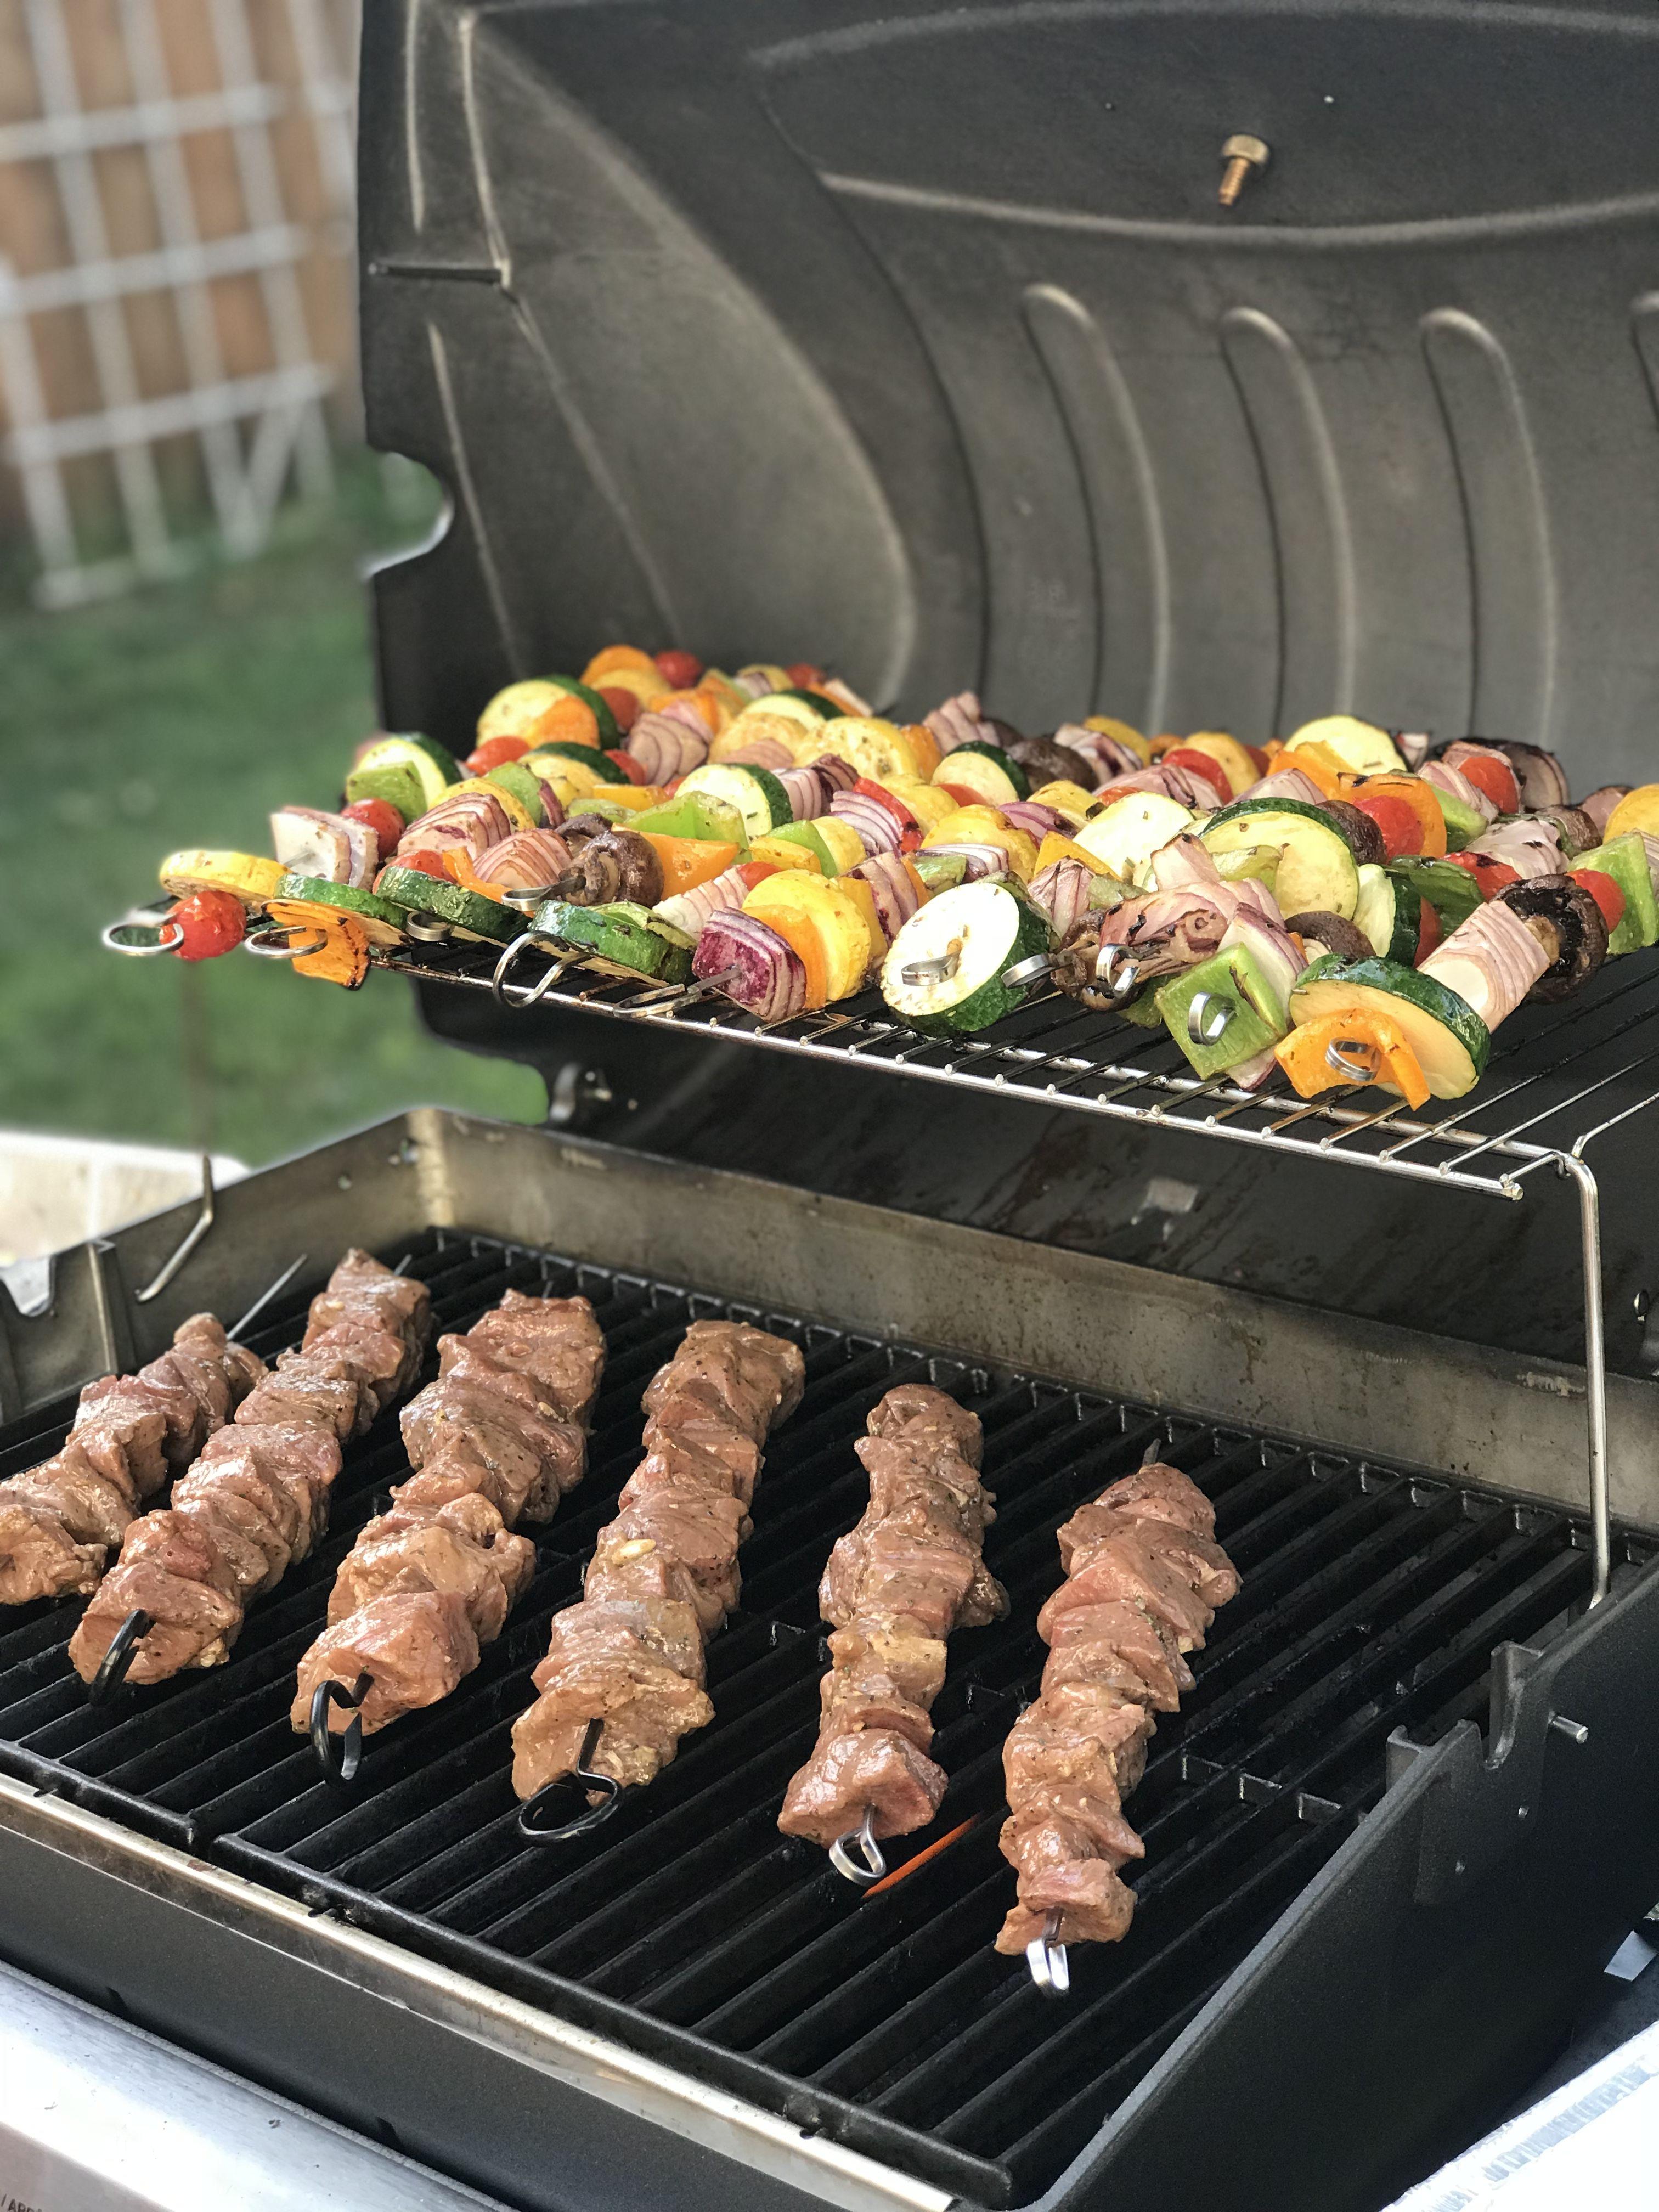 BalsamicHoney Chicken Kebabs glutenfree and healthy when